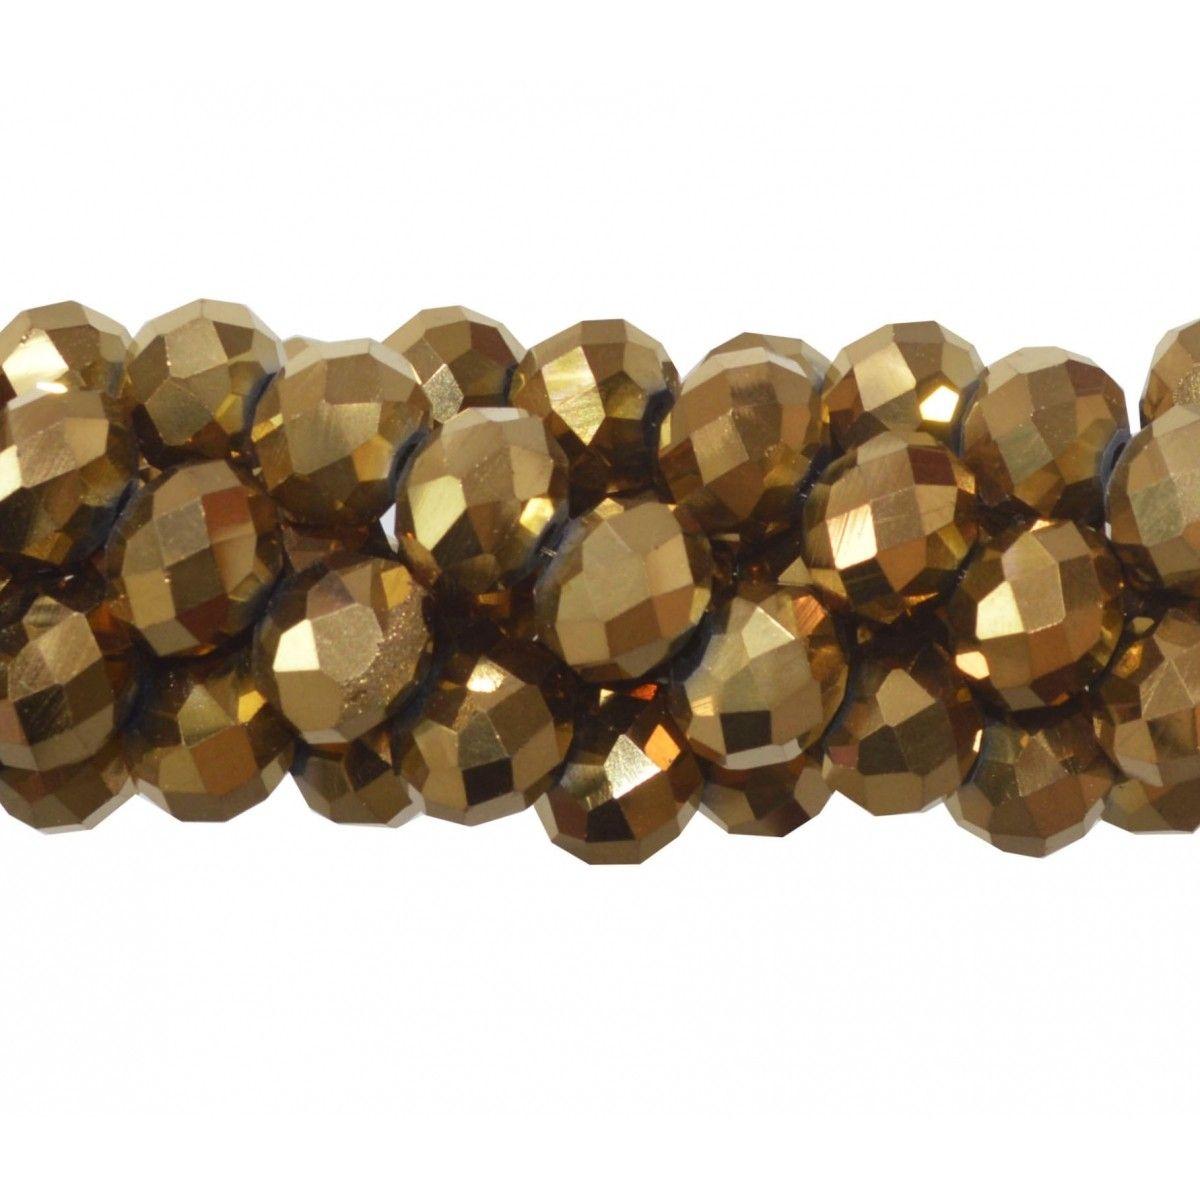 Fio de Cristal de Vidro Dourado 10mm - 70 cristais - FCR_586  - ArtStones